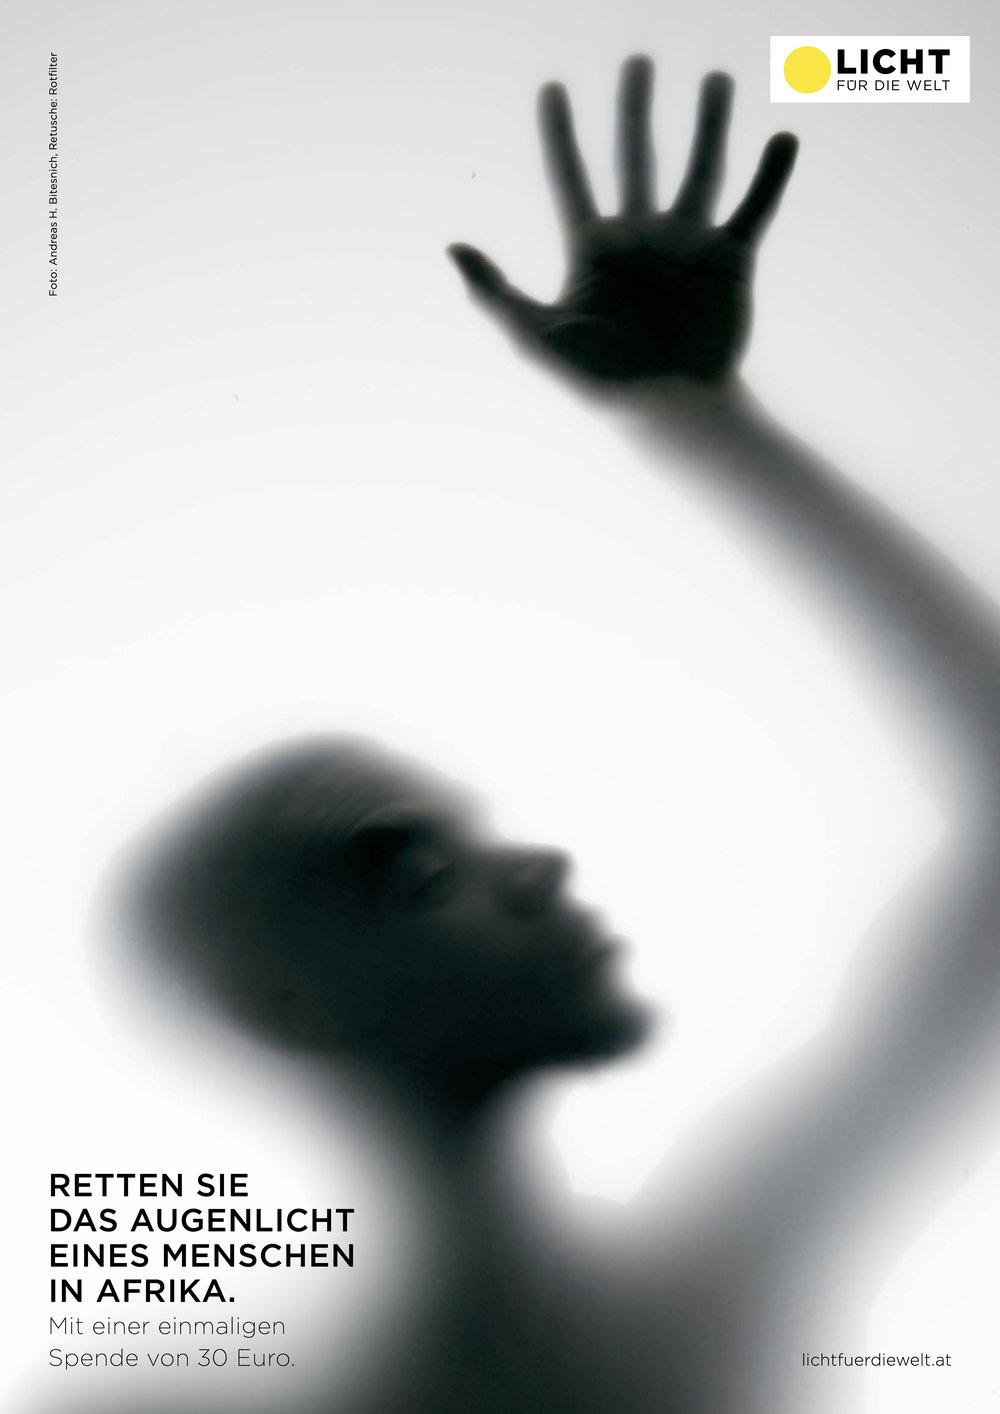 LFDW_Kampagne_Anzeigen_new5.jpg